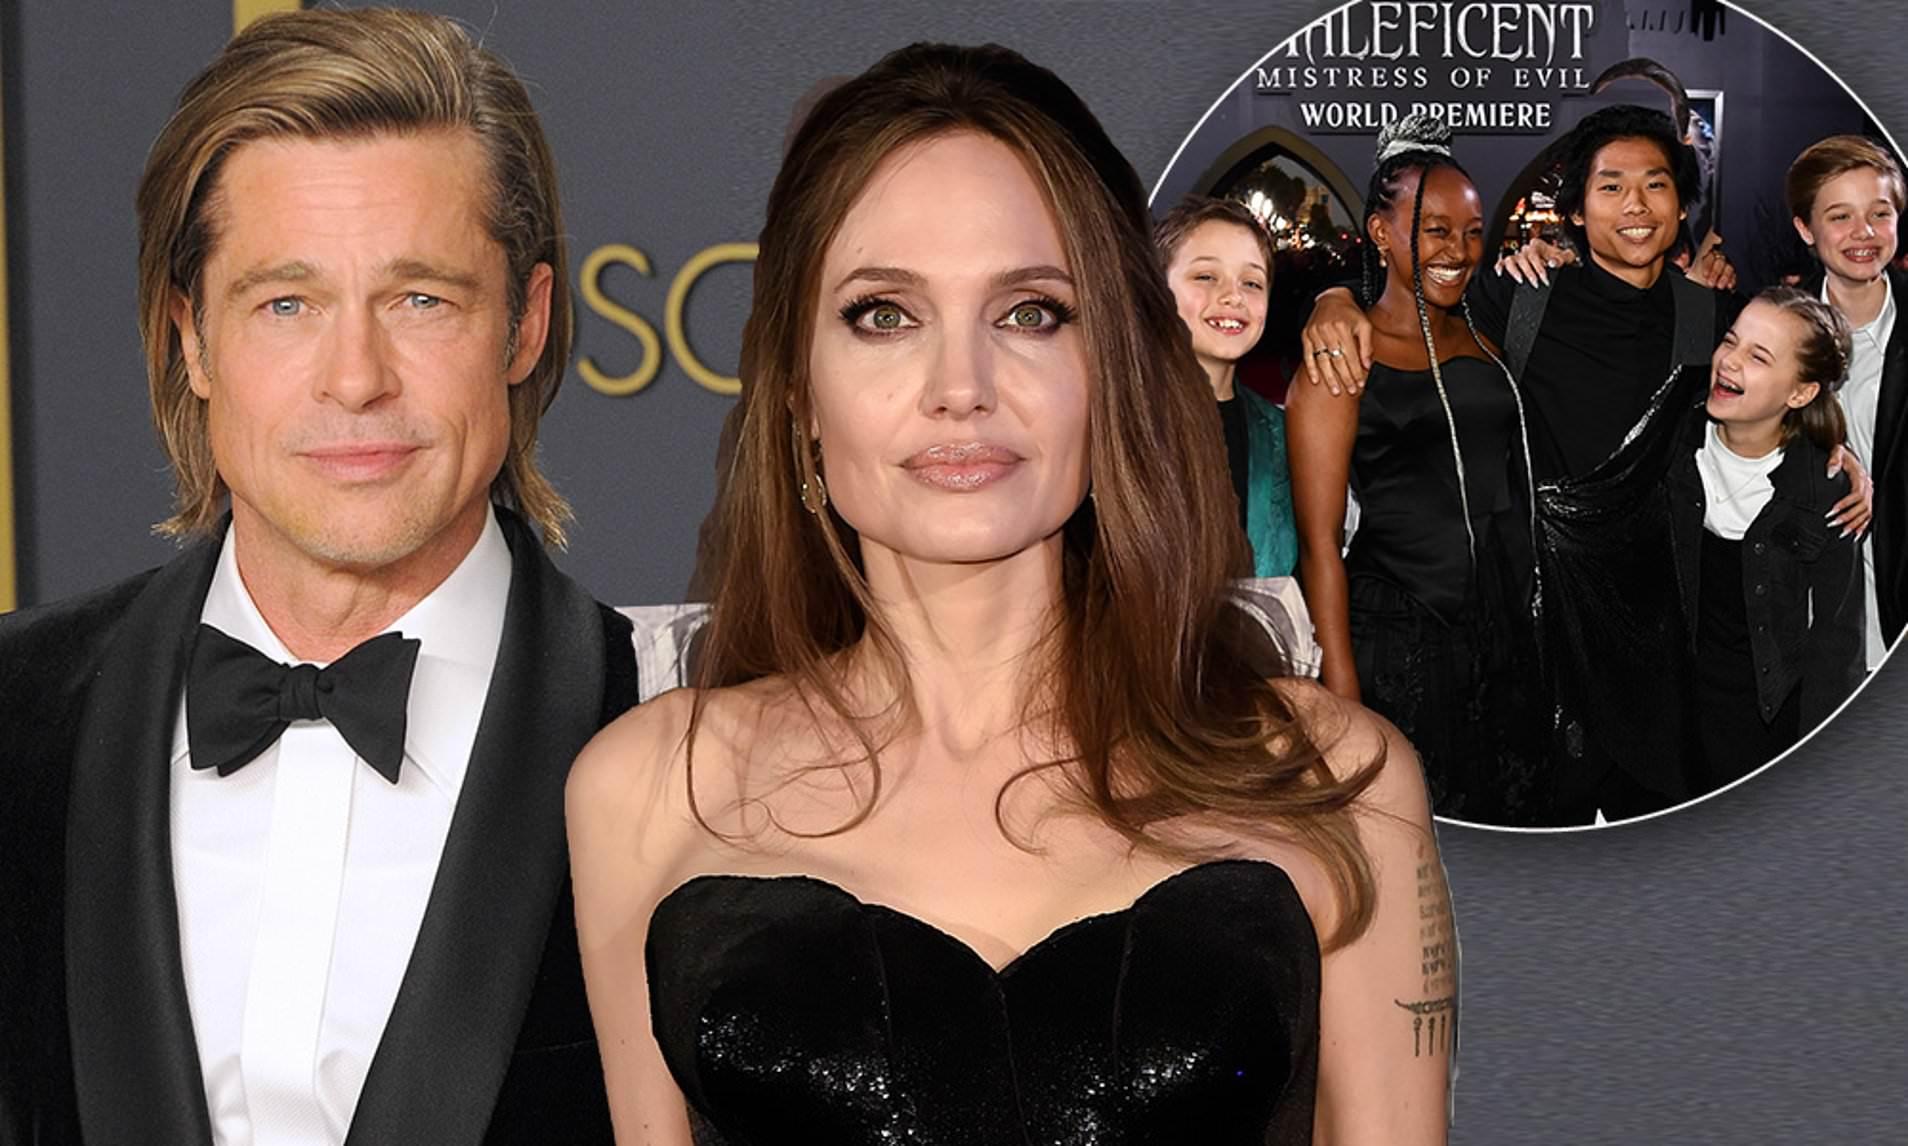 Angelina Jolie zažila niečo, čo by žiadna matka nechcela! Ako sa s tým popasuje!?